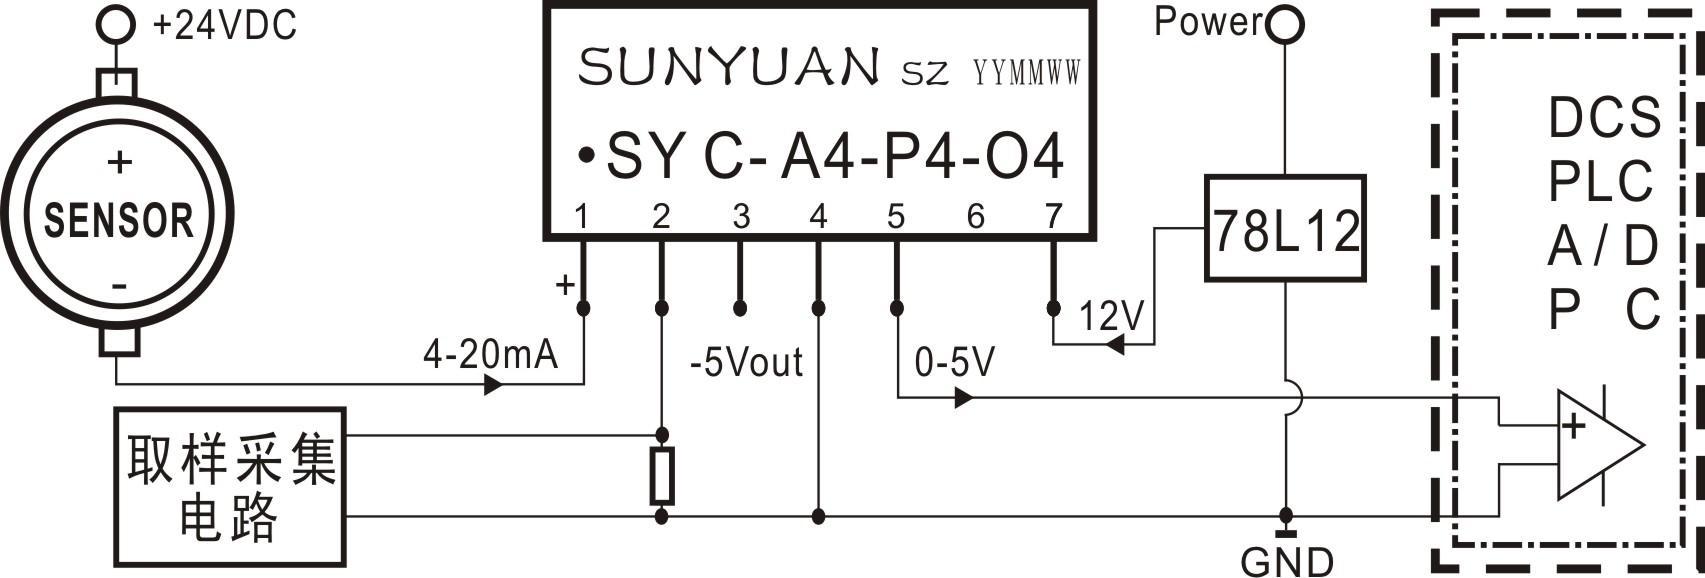 此电路应用在两线制输入信号多路采集并且有共地问题的检测回路中